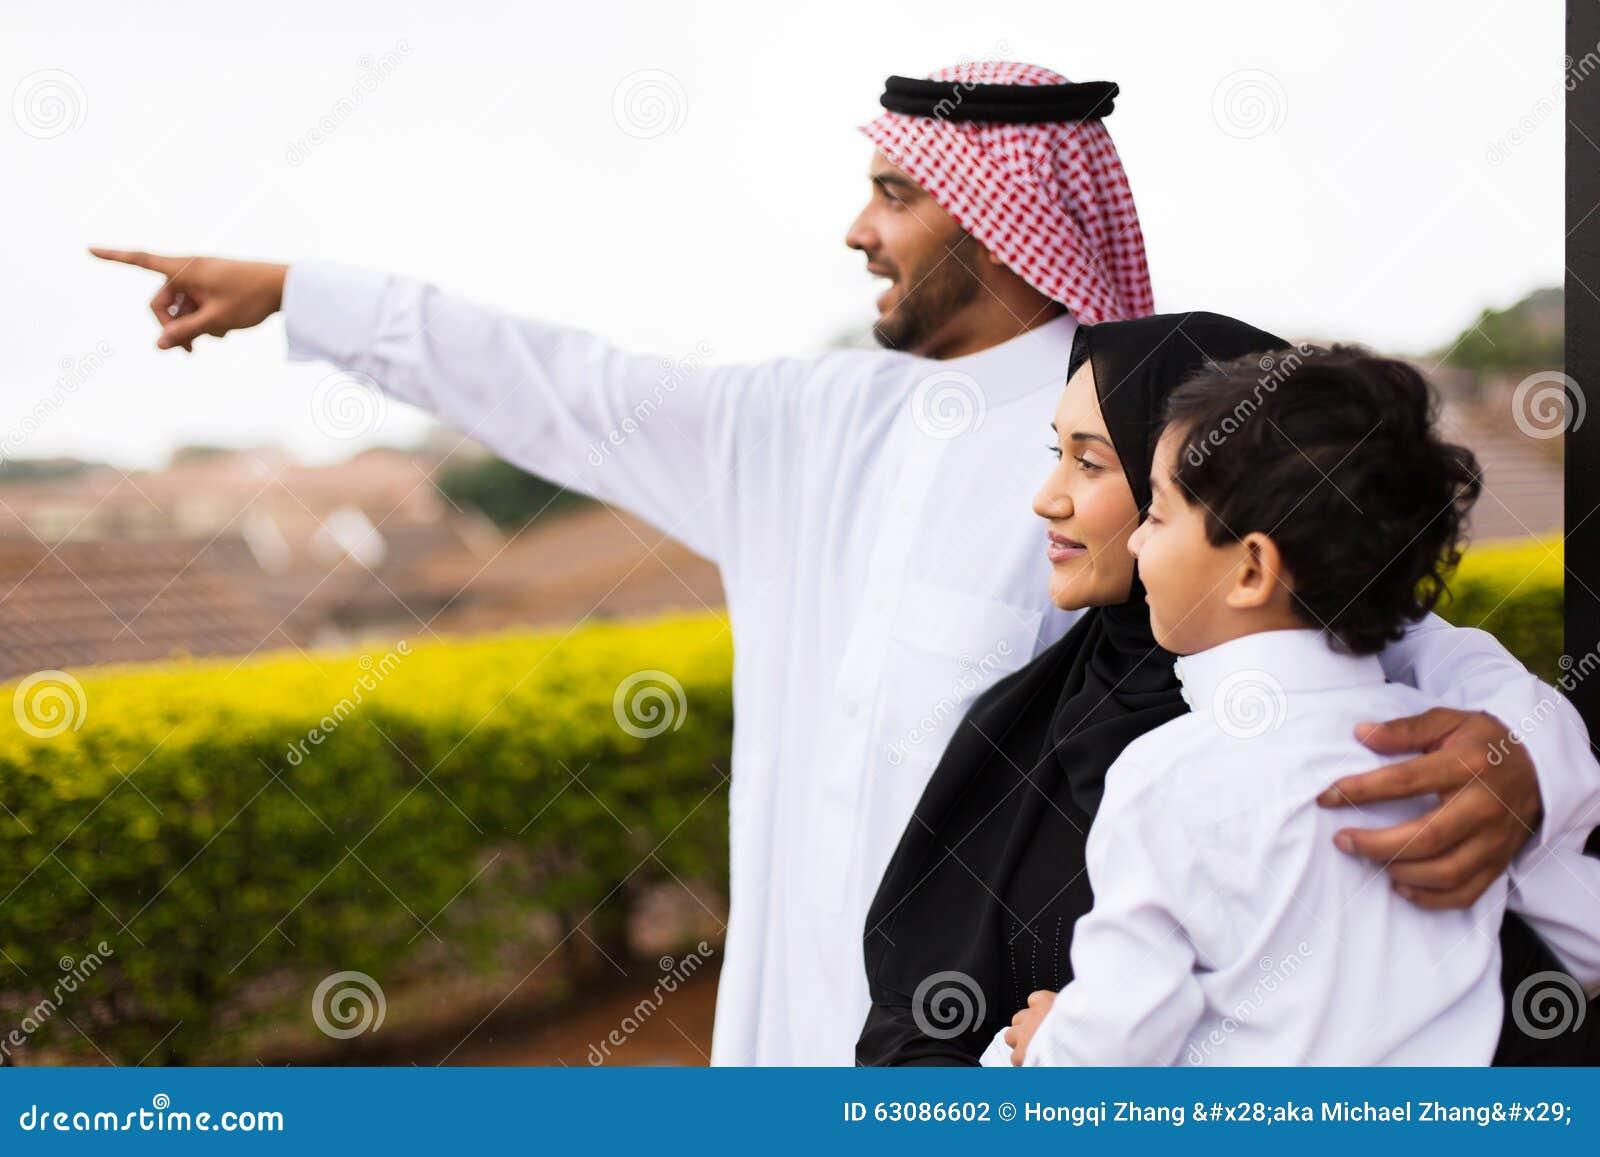 Download Pointage Extérieur De Famille Musulmane Photo stock - Image du outdoors, adulte: 63086602